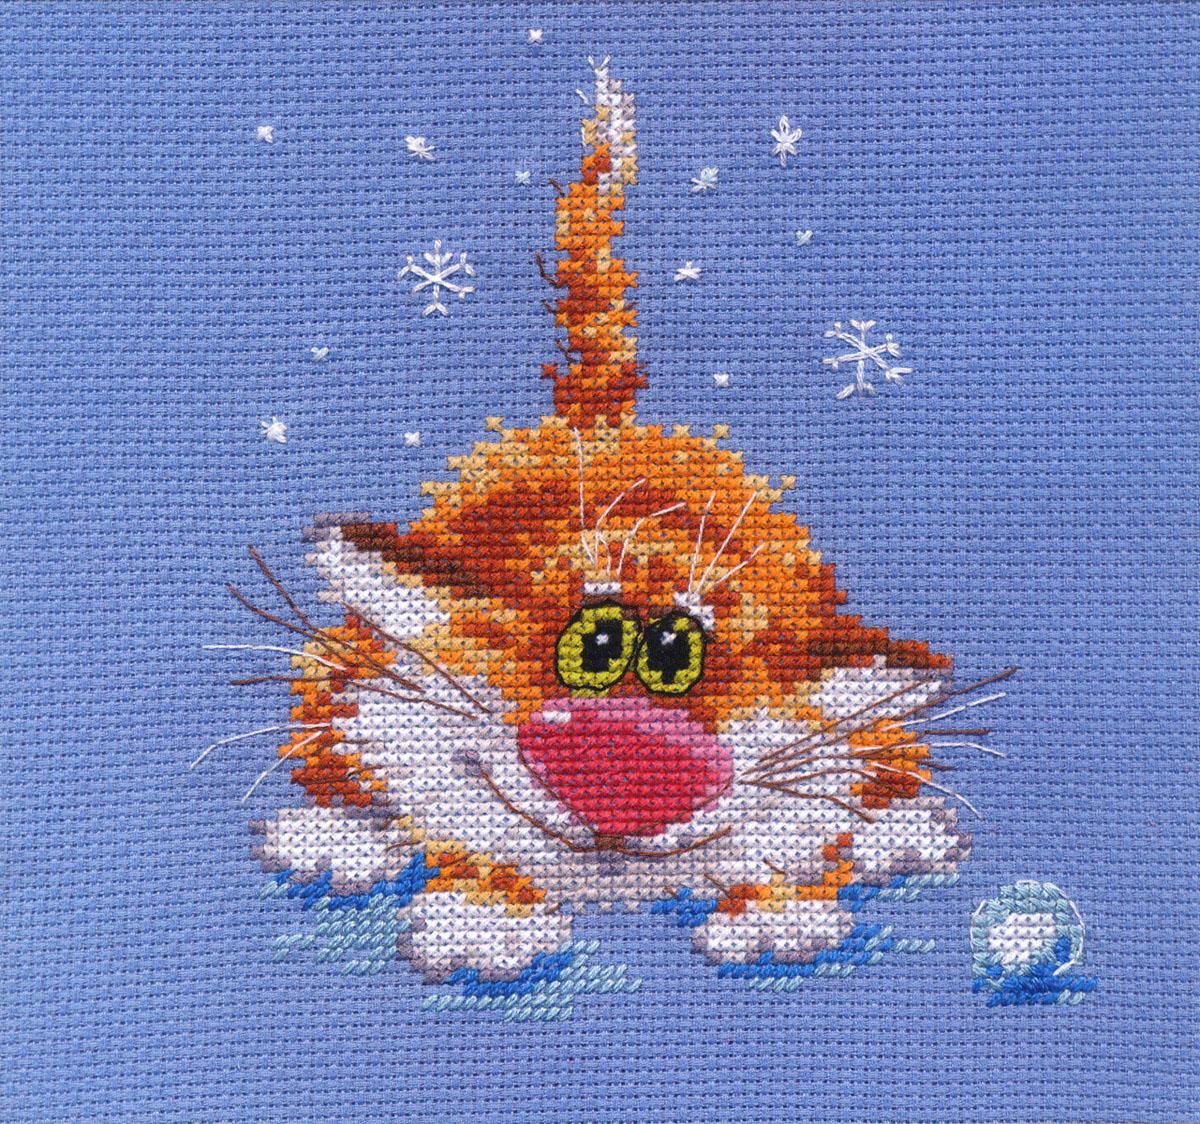 Набор для вышивания крестом Первый снег, 12 х 14 см 661153661153Набор для вышивания Первый снег поможет вам создать свой личный шедевр - красивую картину, вышитую крестом в технике счетный крест. Работа, выполненная своими руками, станет отличным подарком для друзей и близких! Набор содержит: - белая канва Aida 14 (хлопок), - нитки мулине - 13 цветов (хлопок), - игла, - цветная схема для вышивания, - инструкция на русском языке.